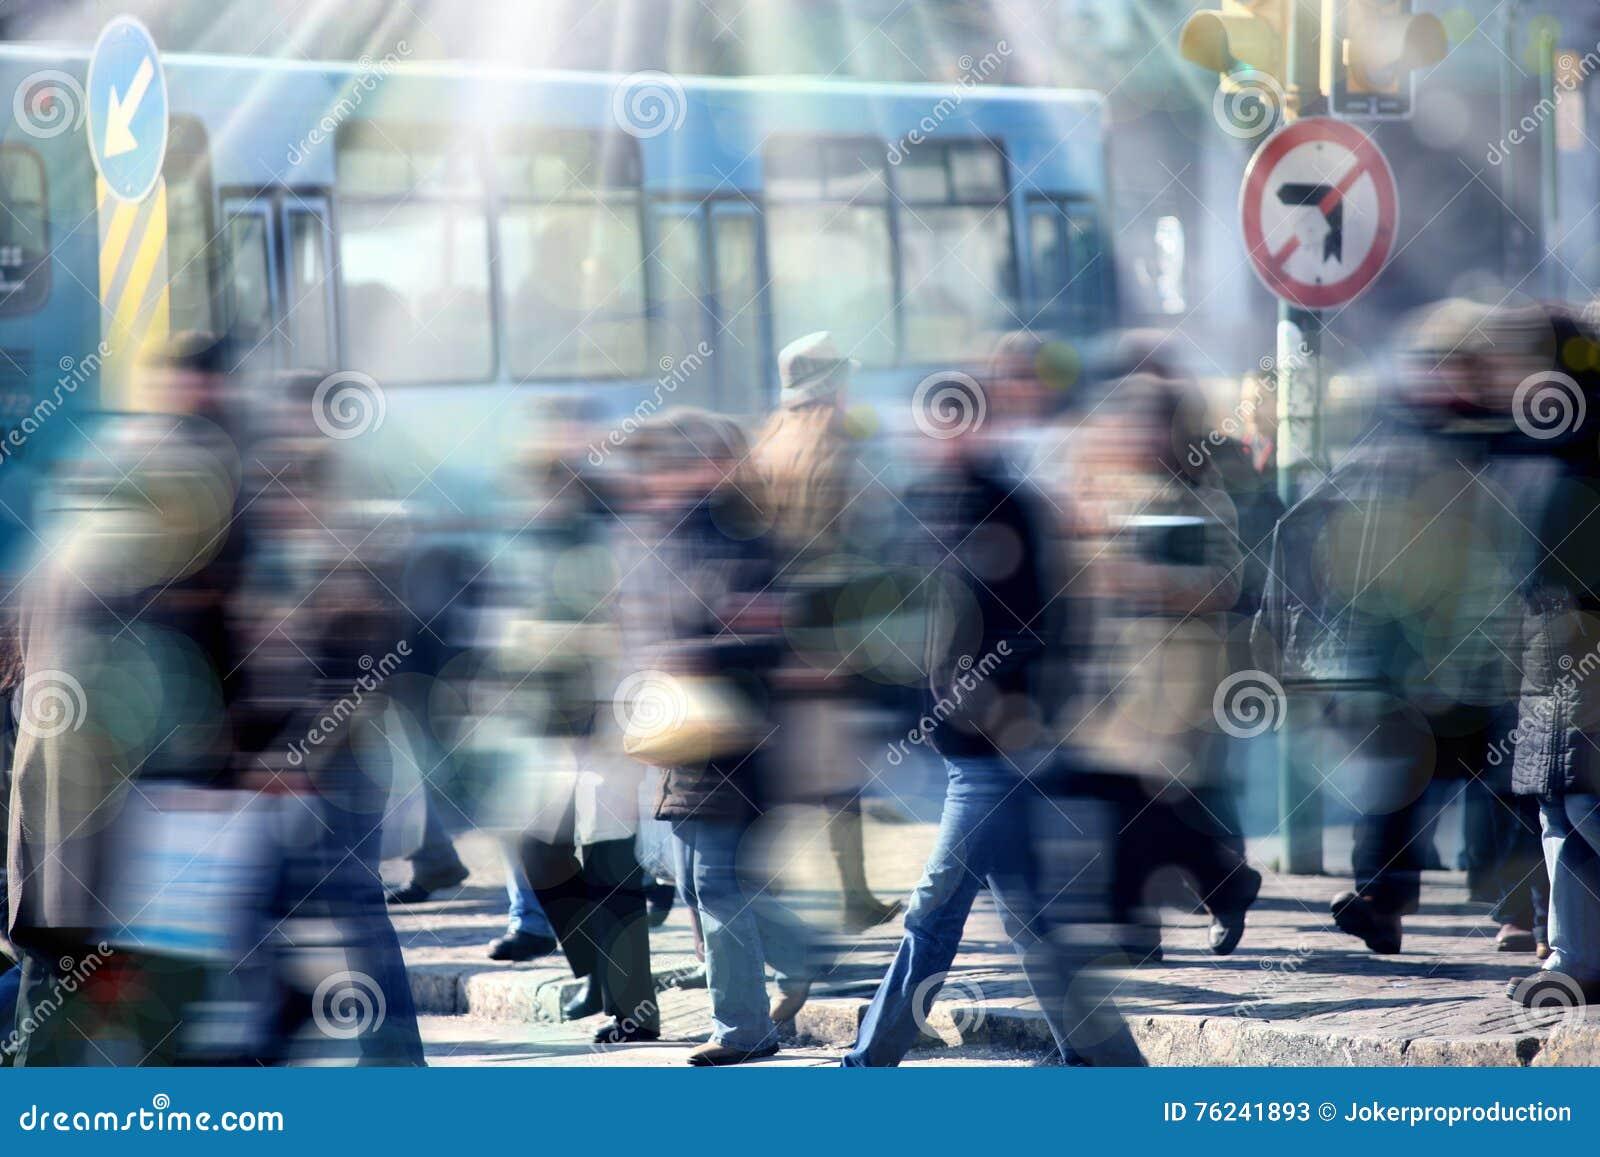 Άνθρωποι στο δρόμο με έντονη κίνηση